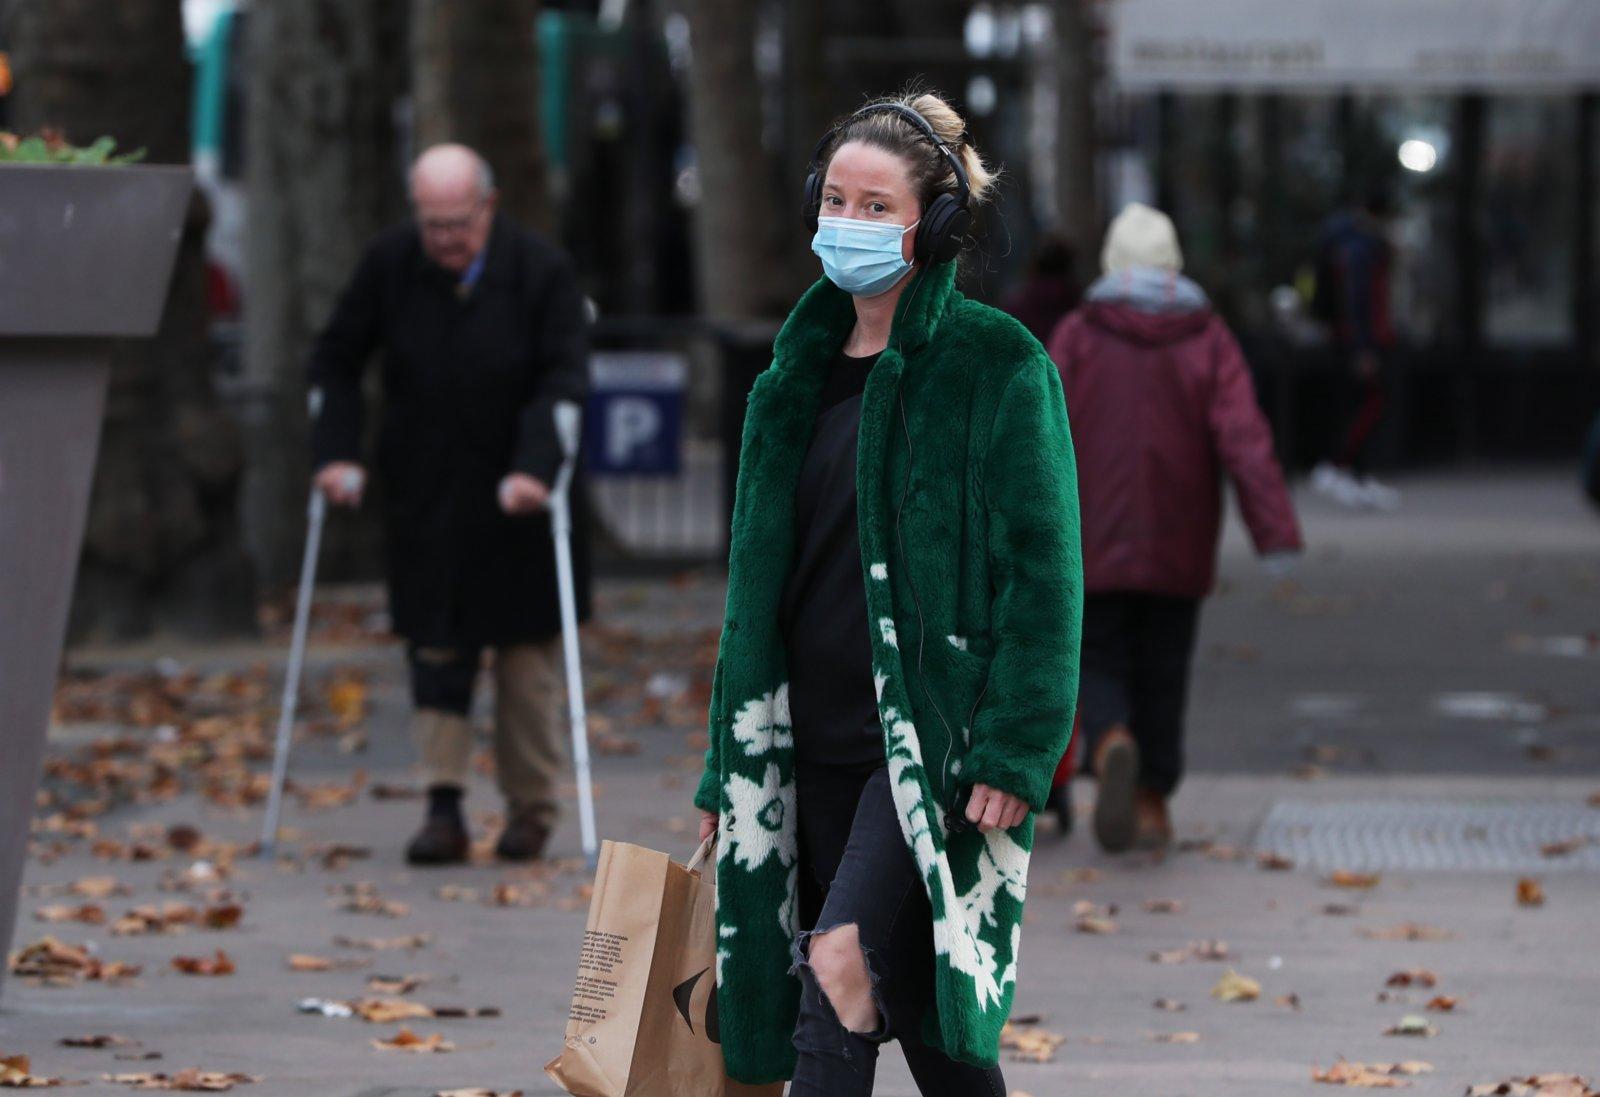 11月16日,一名女子戴口罩走在法國巴黎聖米歇爾廣場附近。